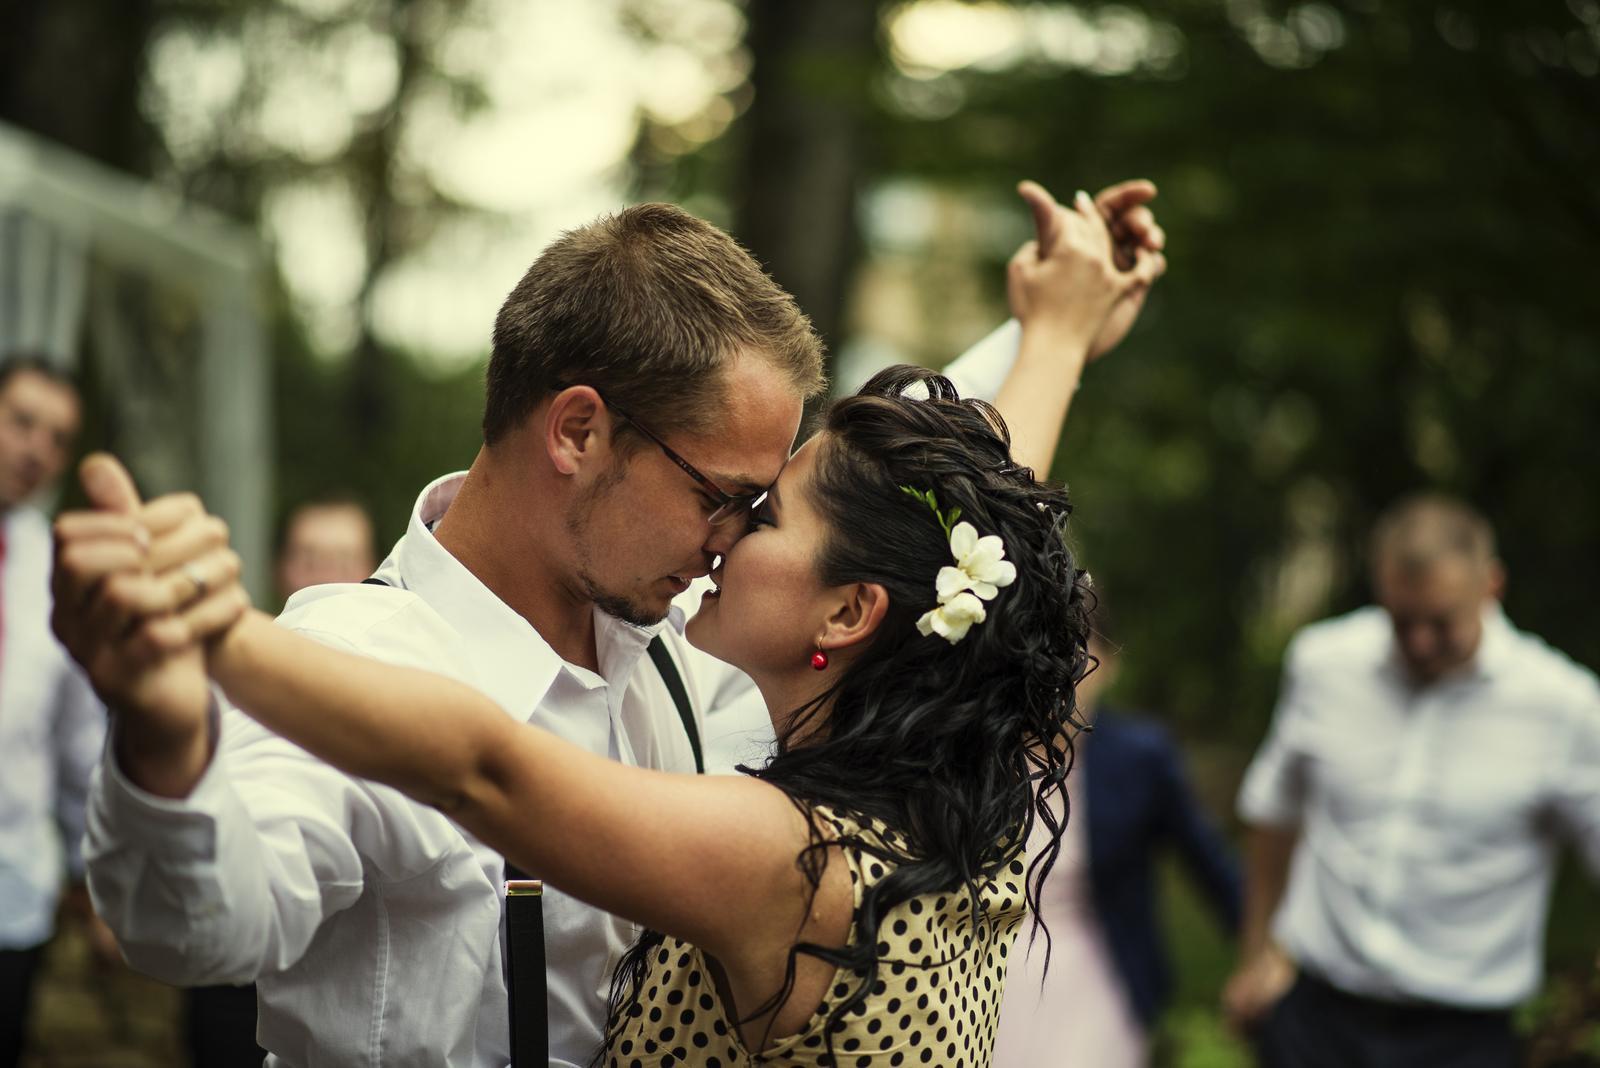 Naše podvečerní retro focení...:) - Náš první novomanželský tanec......All of me....John Legend.......ten pocit štěstí....ta atmosféra......NESKUTEČNÝ!!!! :-)